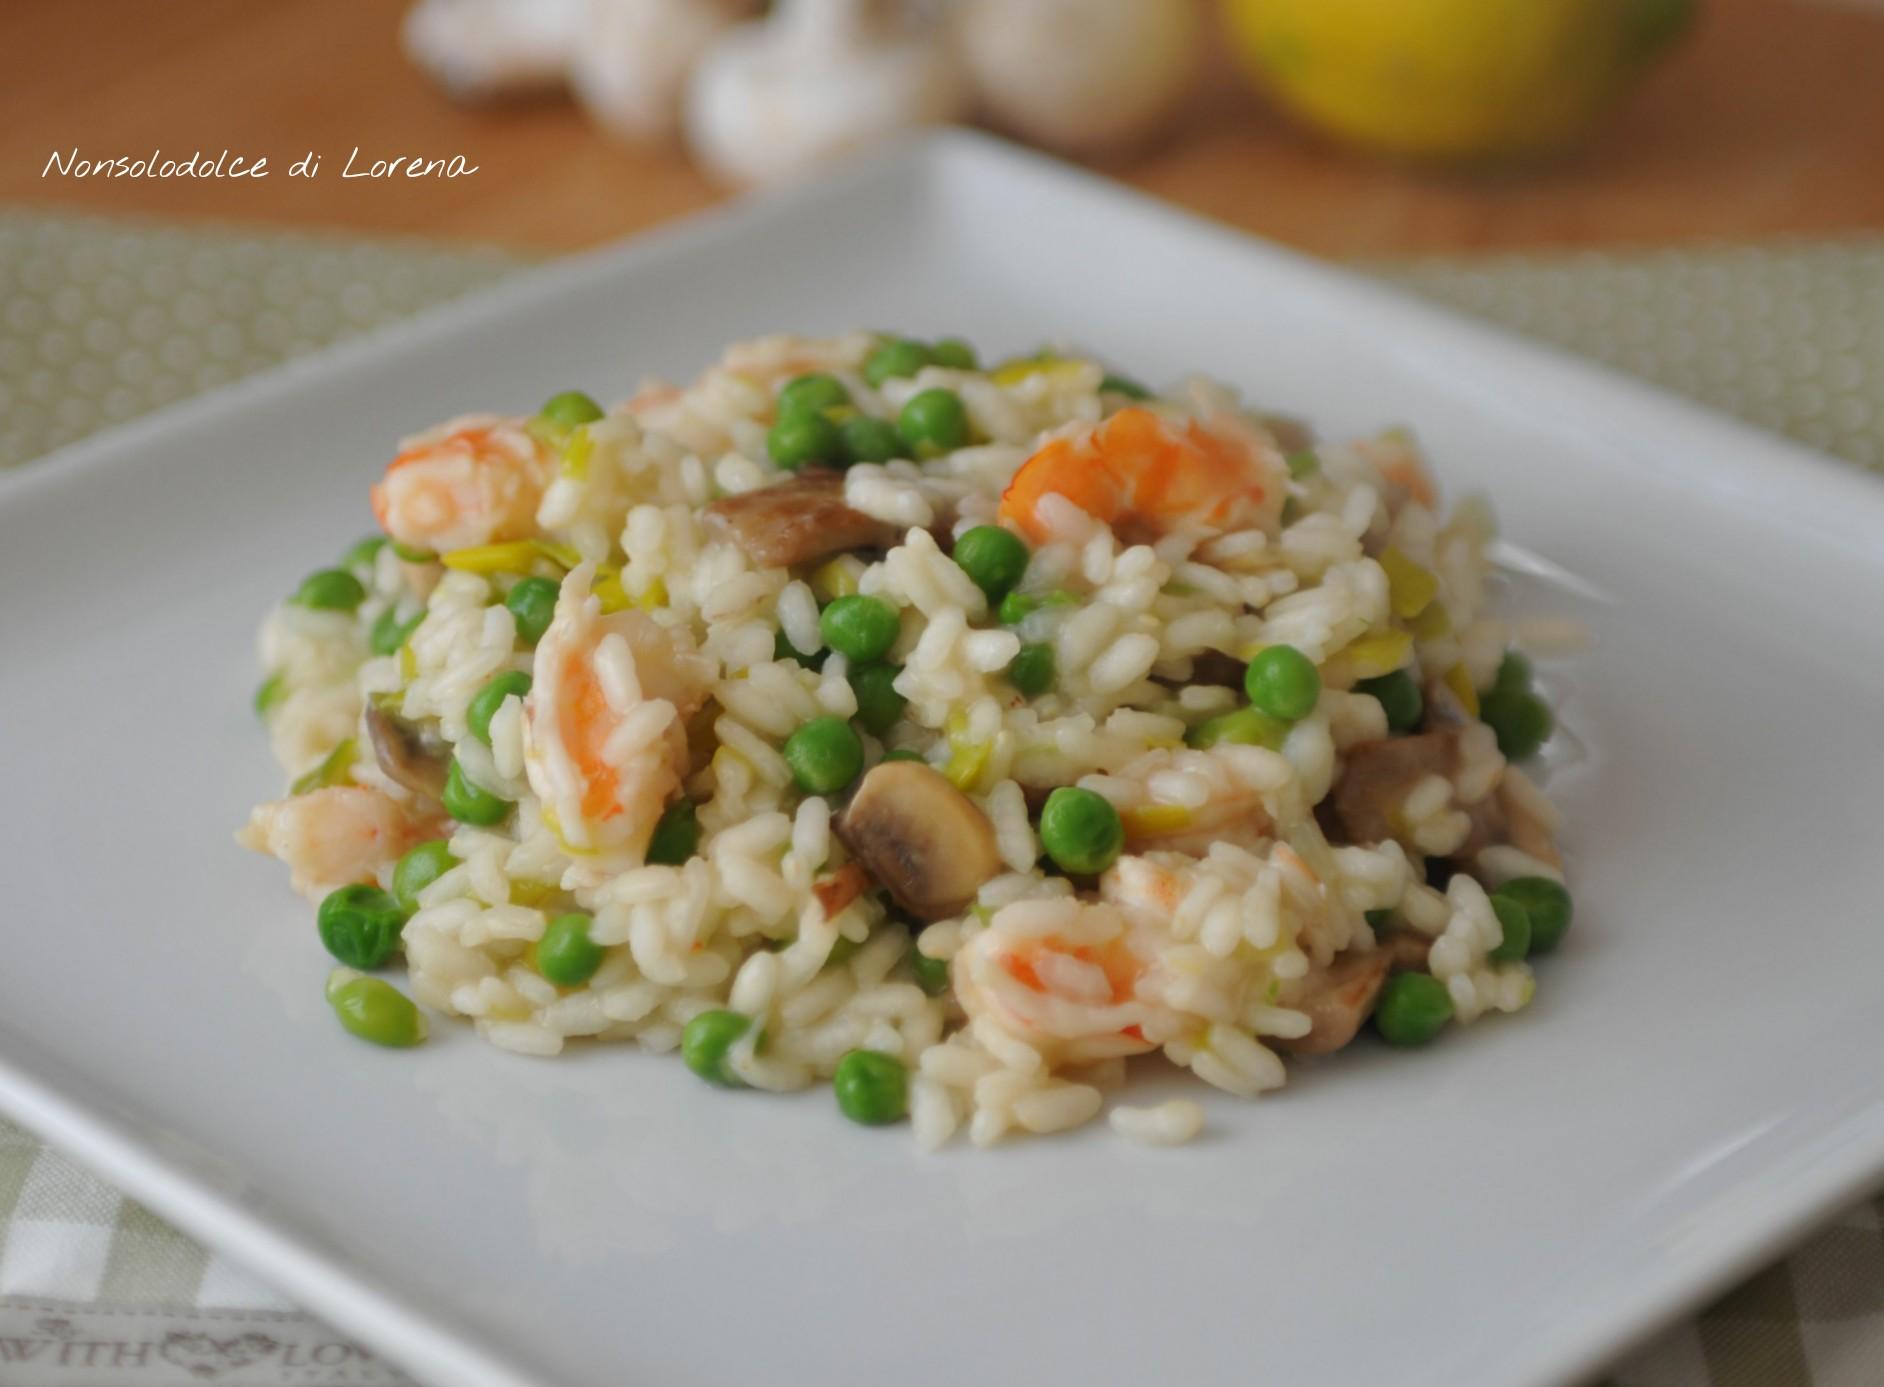 Risotto con gamberi piselli e funghi nonsolodolce di lorena for Ricette culinarie